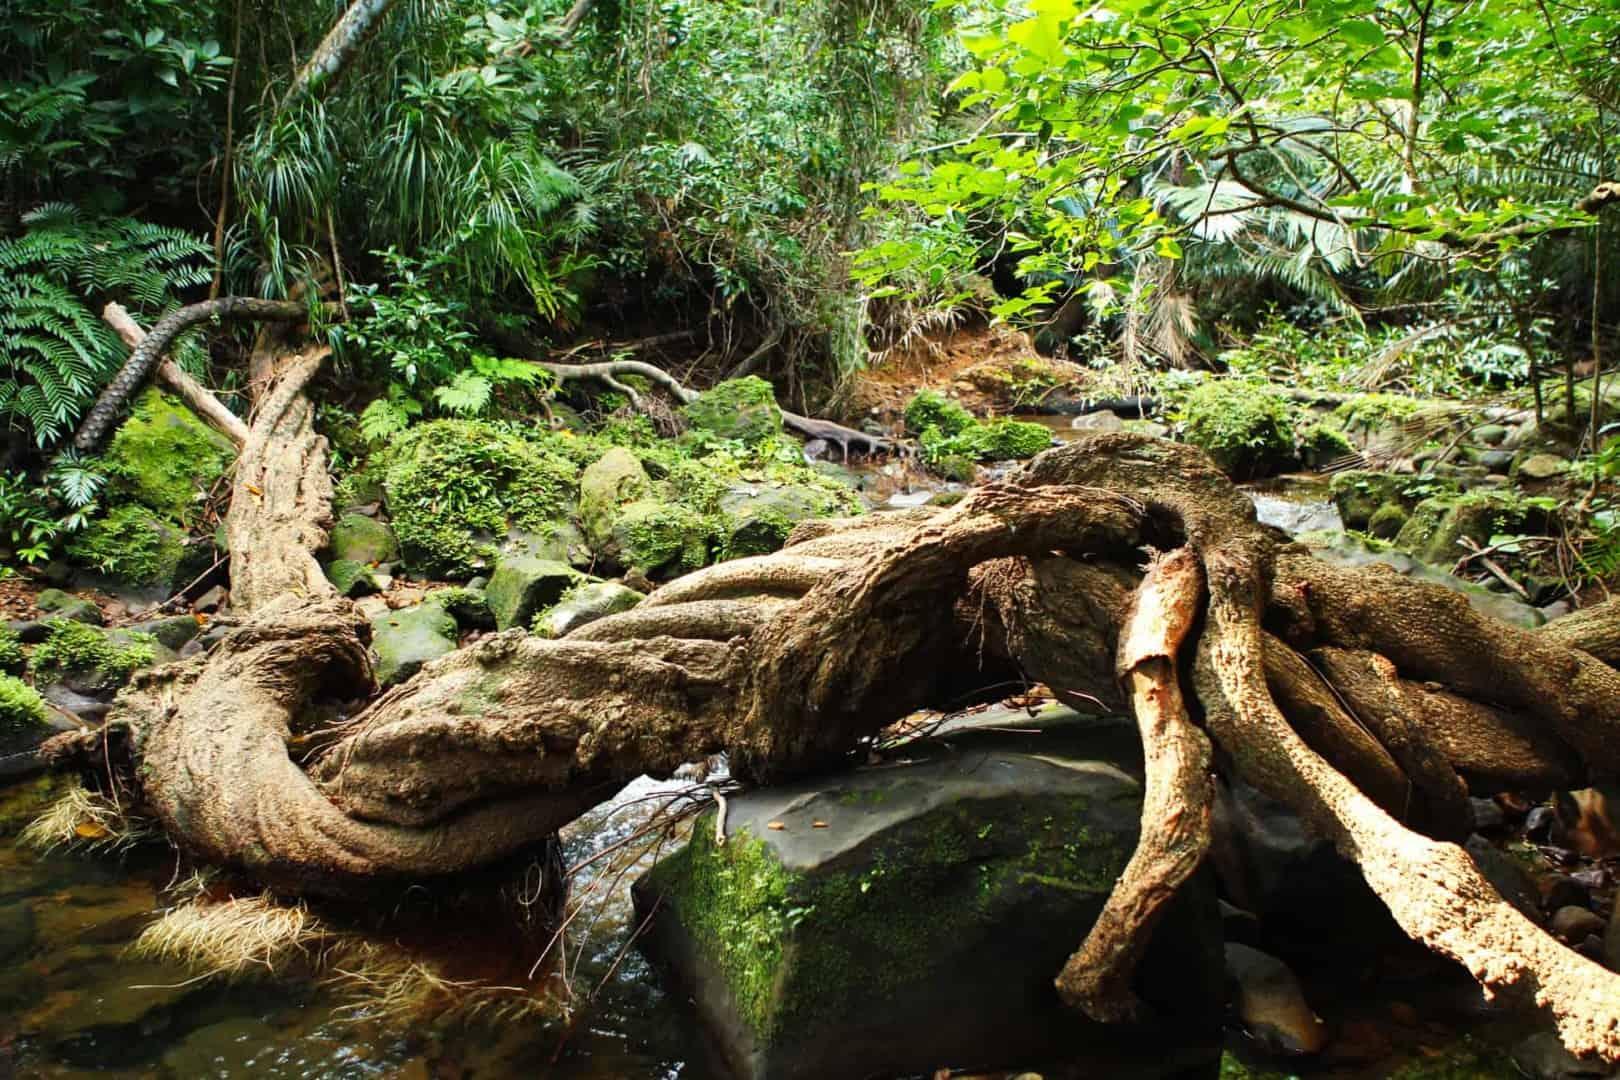 154 : Expeditionen zu den Biotopen der Aquarienfische Teil 2 (Heiko Blessin) 74